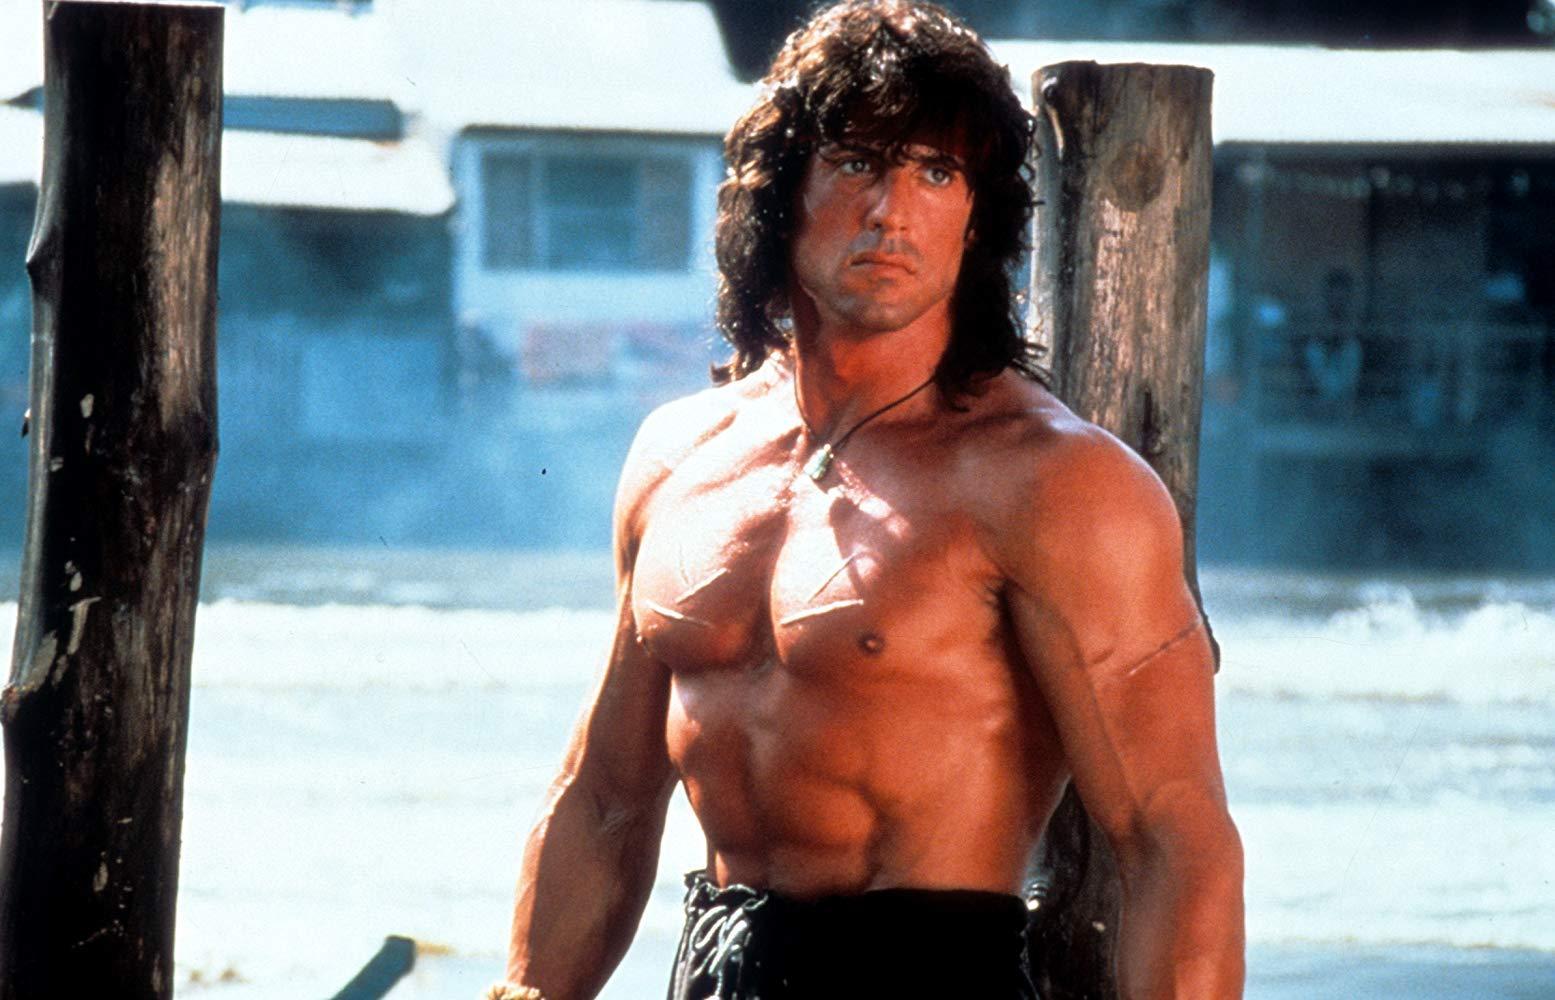 مشاهدة فيلم Rambo III 1988 HD مترجم كامل اون لاين